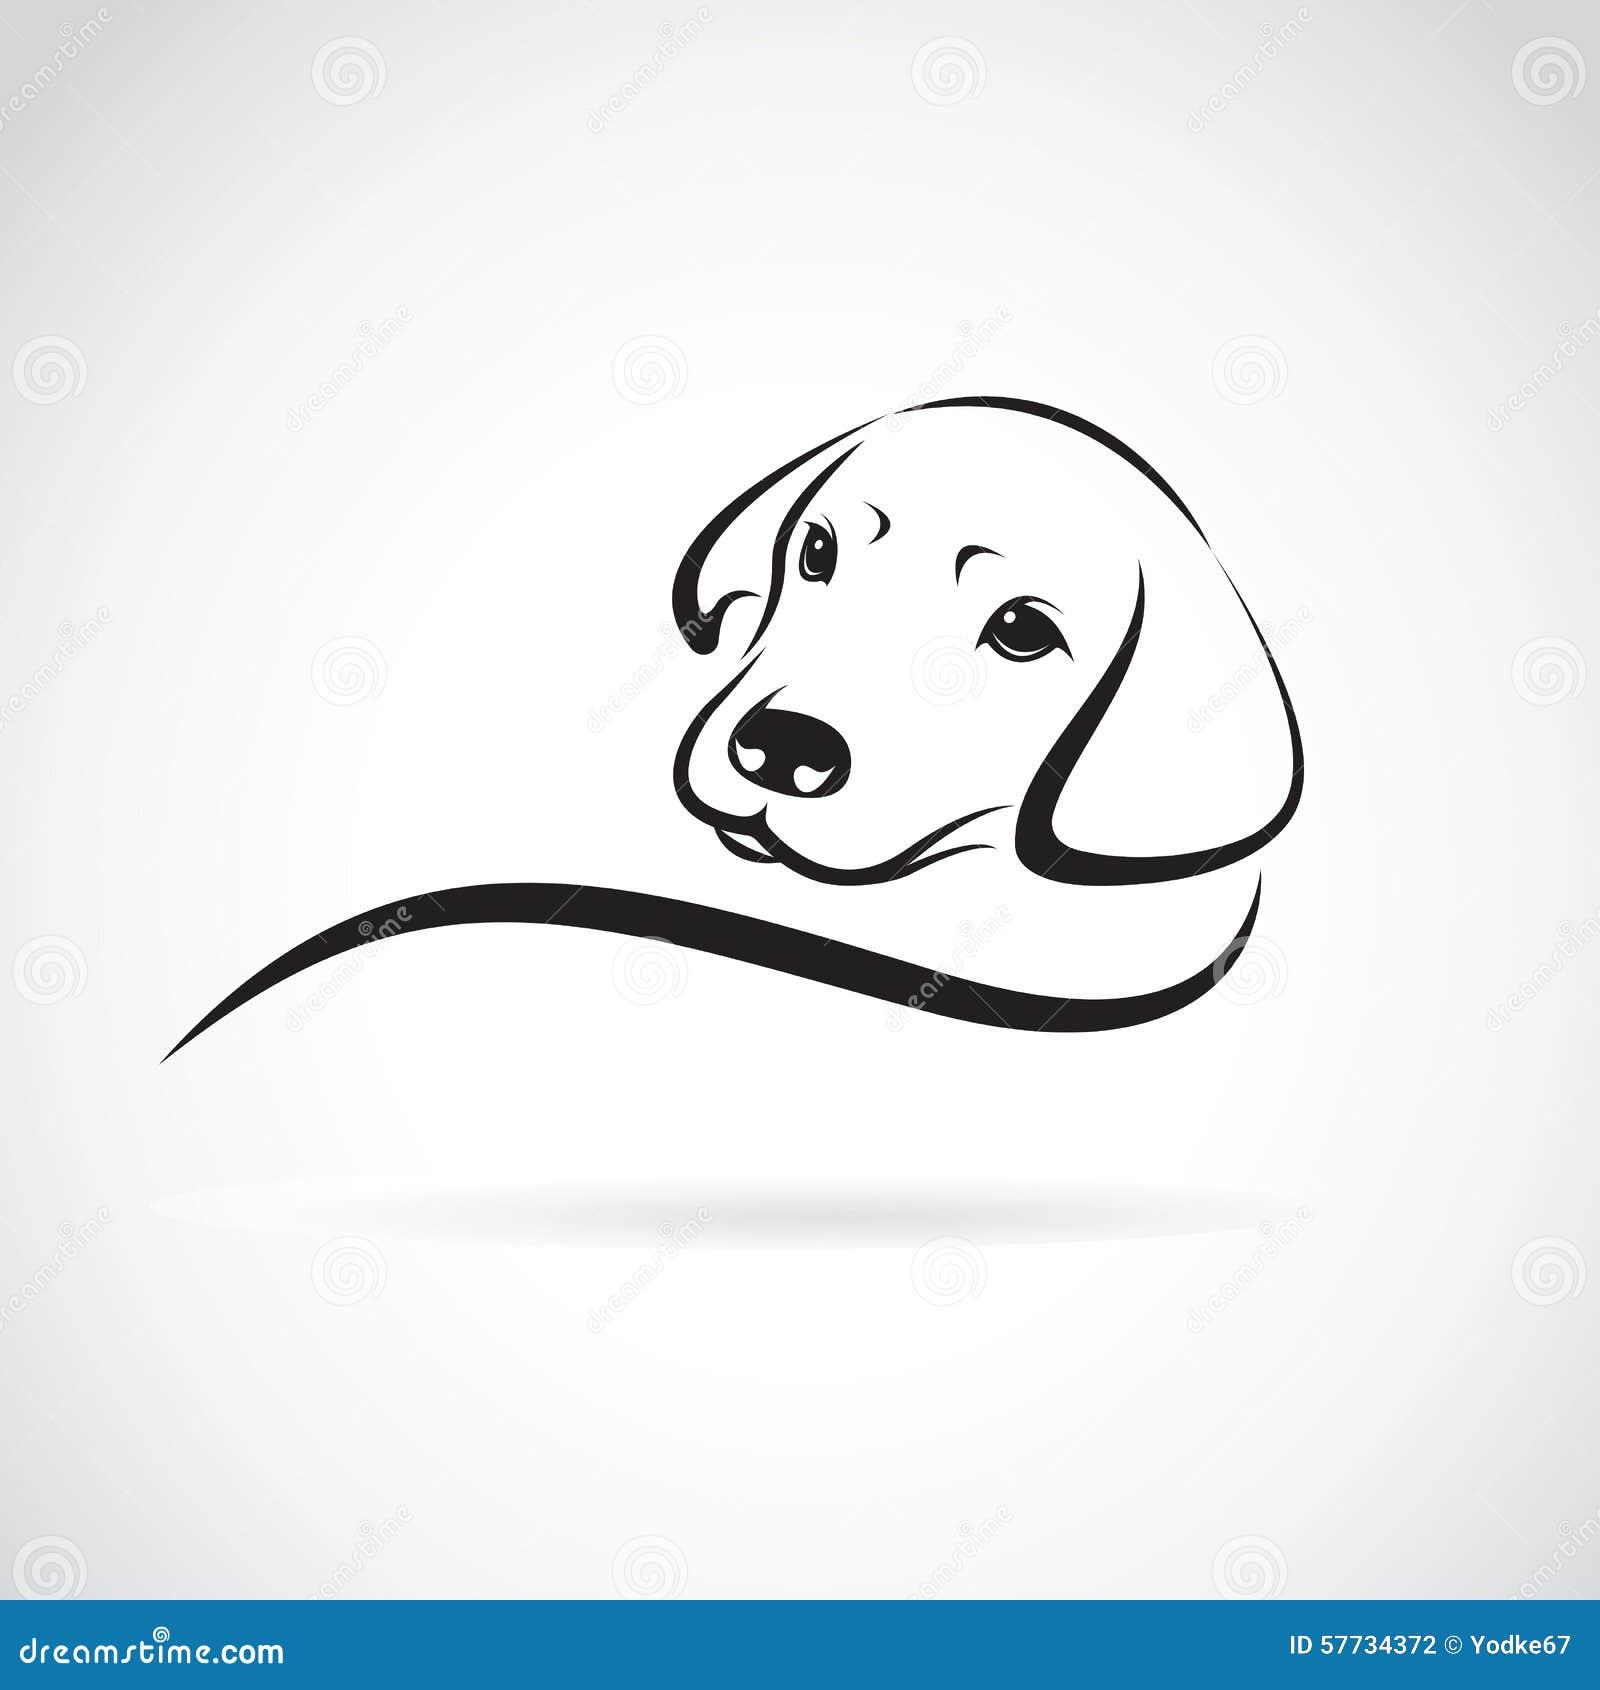 Line Art Dog Tattoo : Immagine di vettore un cane labrador illustrazione